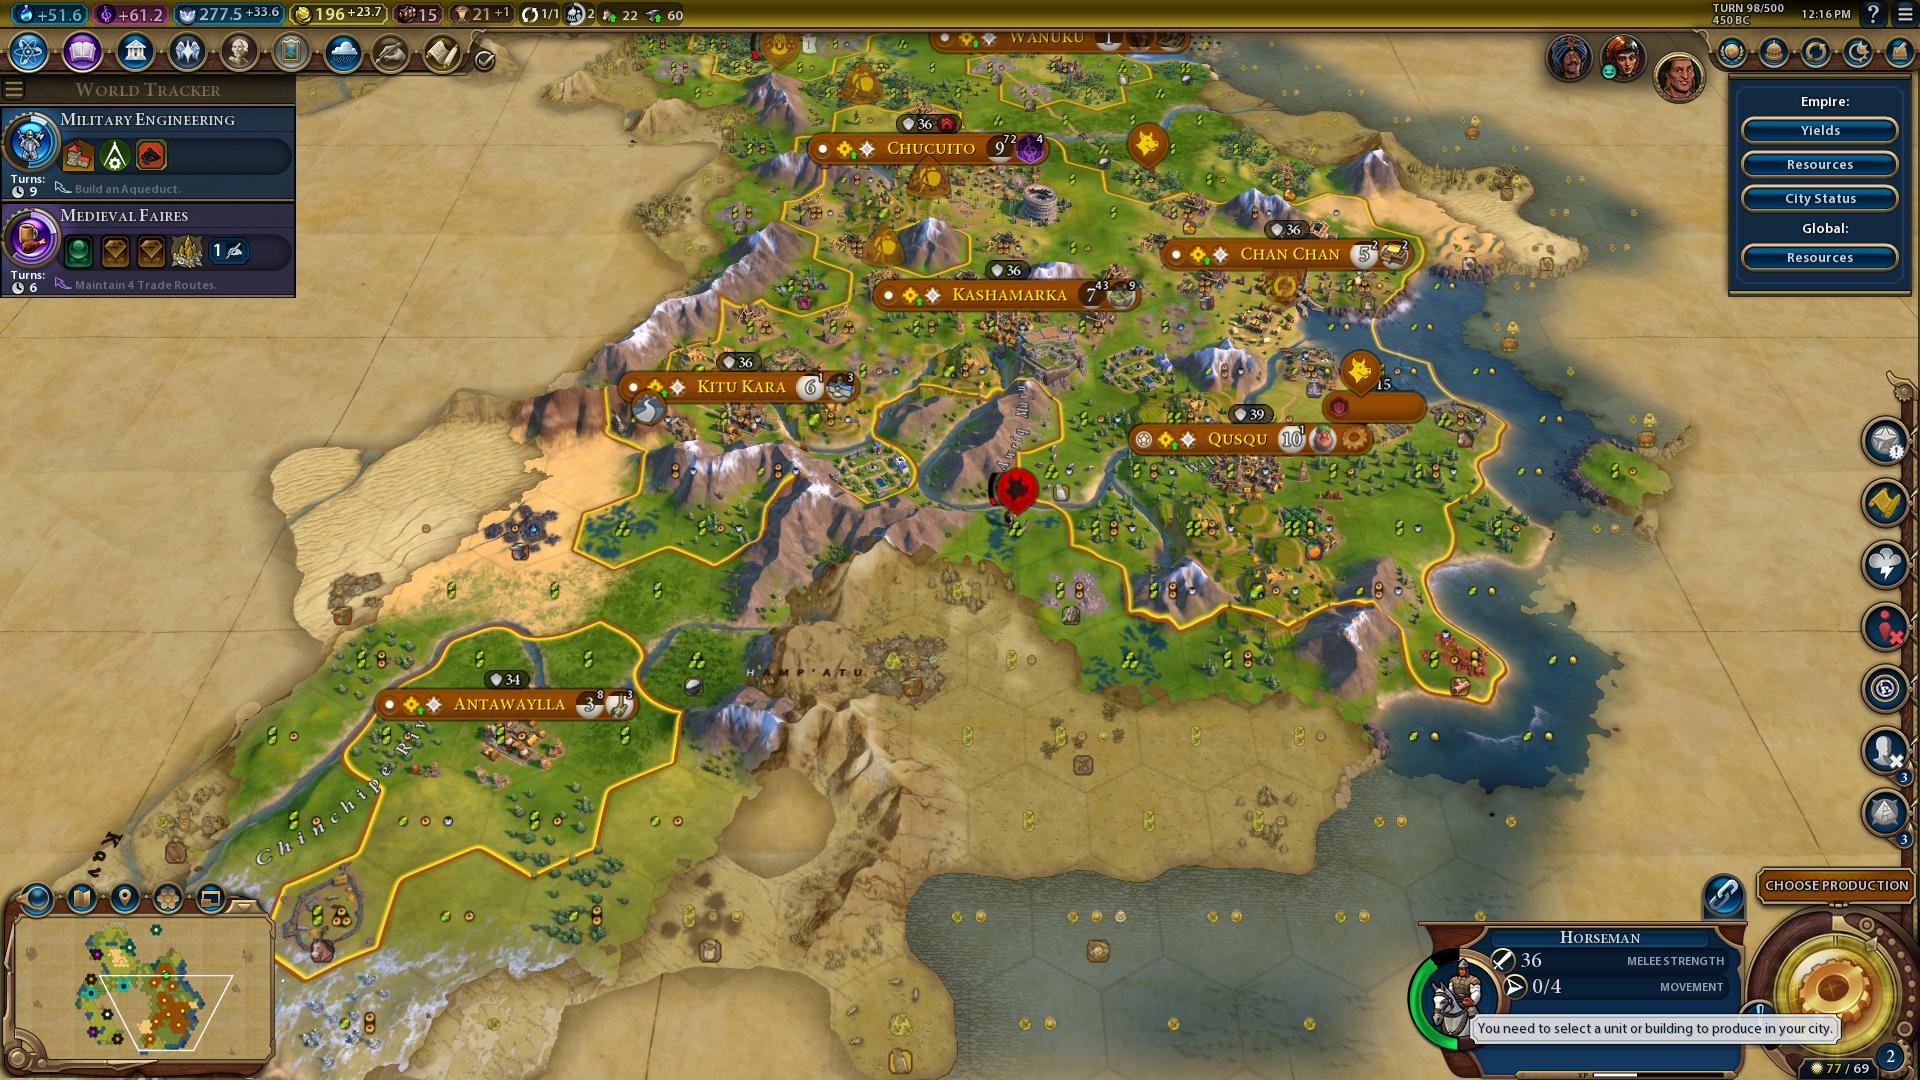 Sid Meier's Civilization VI (DX11) 3_3_2019 12_16_27 PM.png